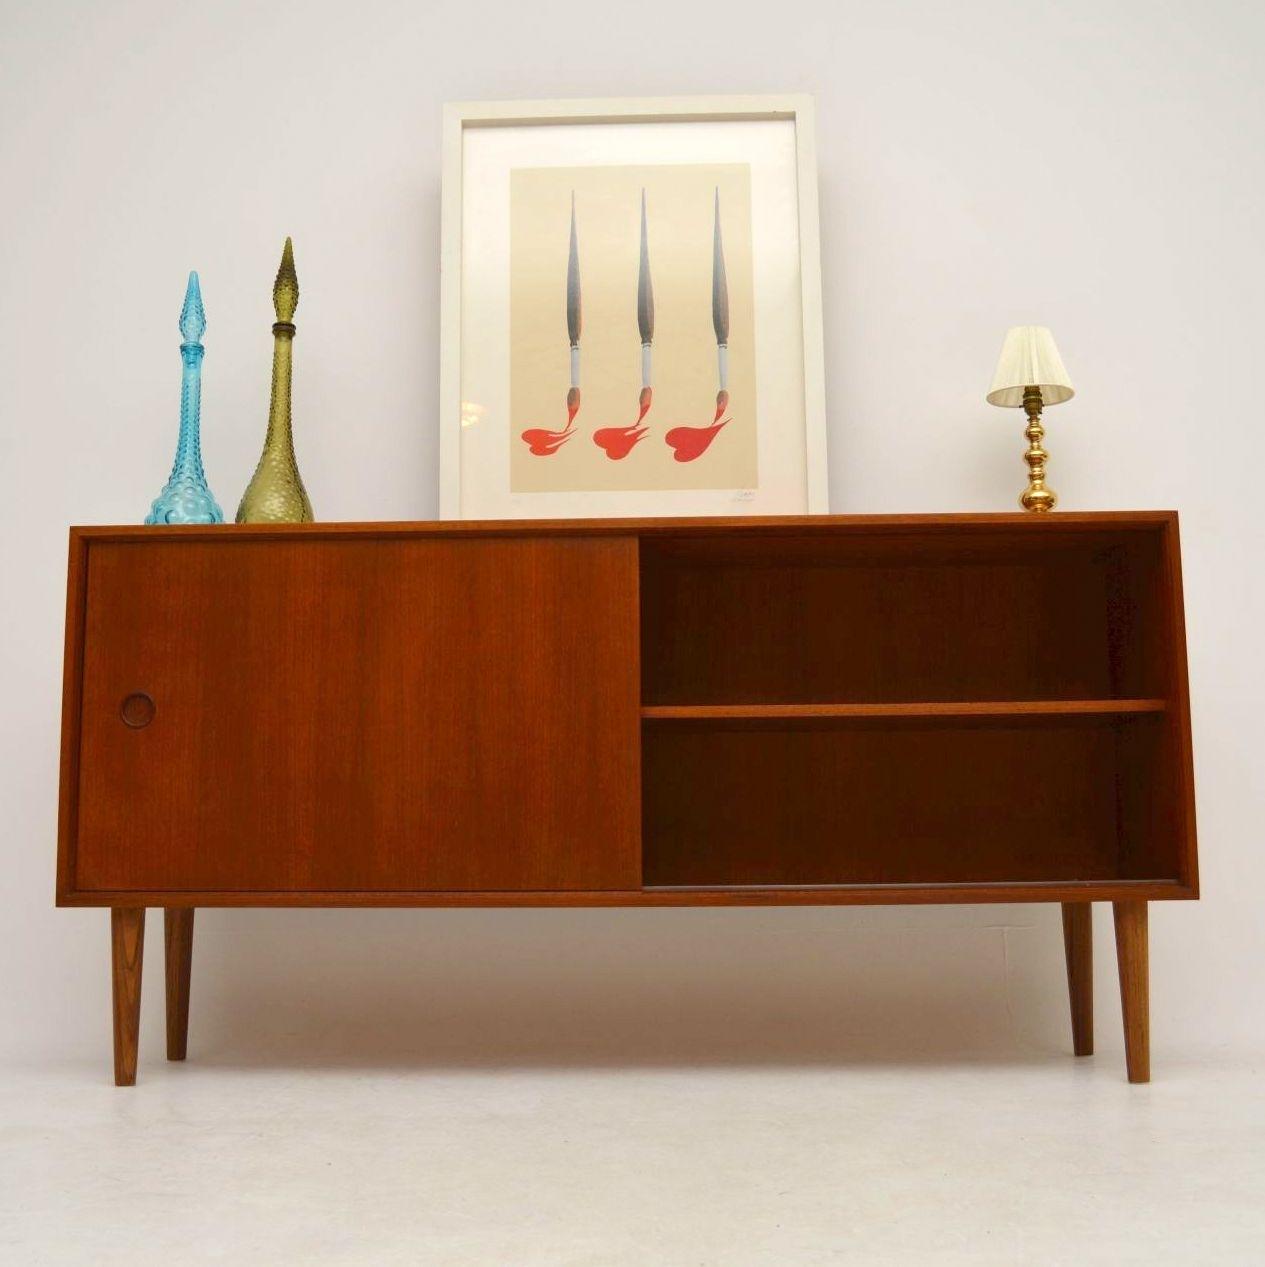 1960's Danish Teak Vintage Sideboard | Retrospective Interiors inside Vintage 8 Glass Sideboards (Image 3 of 30)